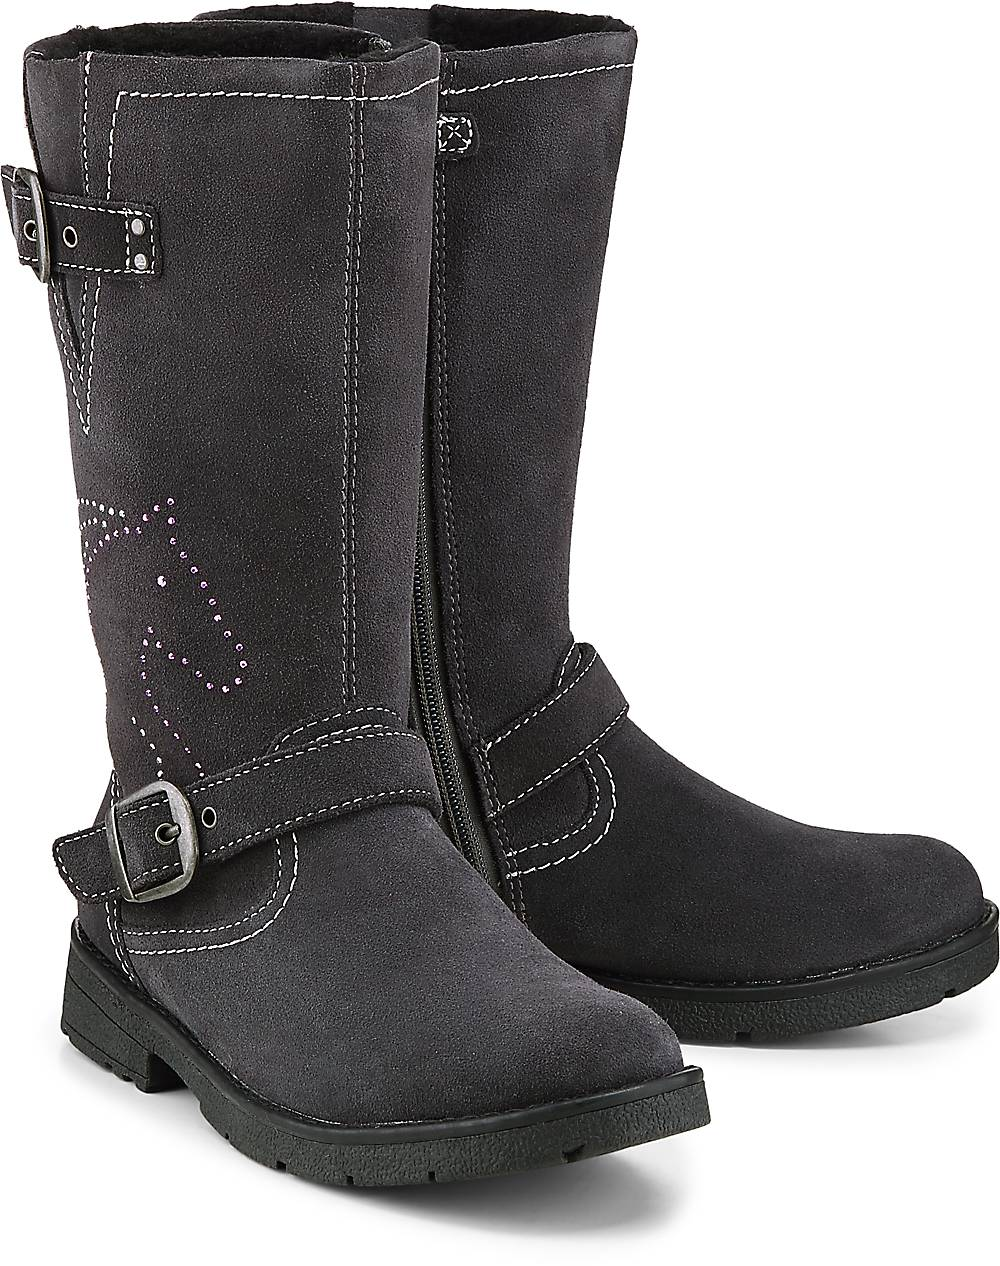 Lurchi, Stiefel Heidi-Tex in dunkelgrau, Stiefel für Mädchen